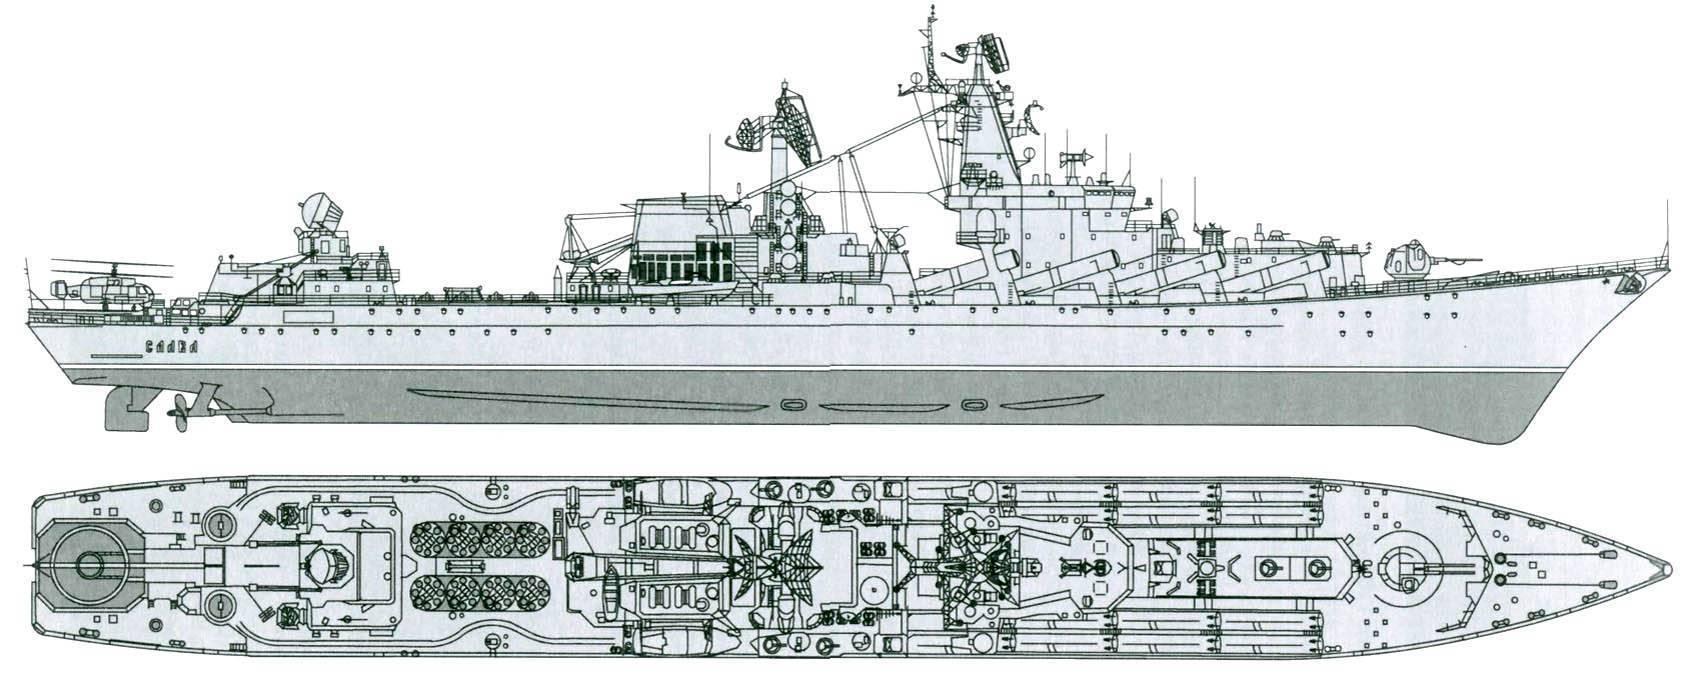 Крейсера проекта 1164 «атлант»